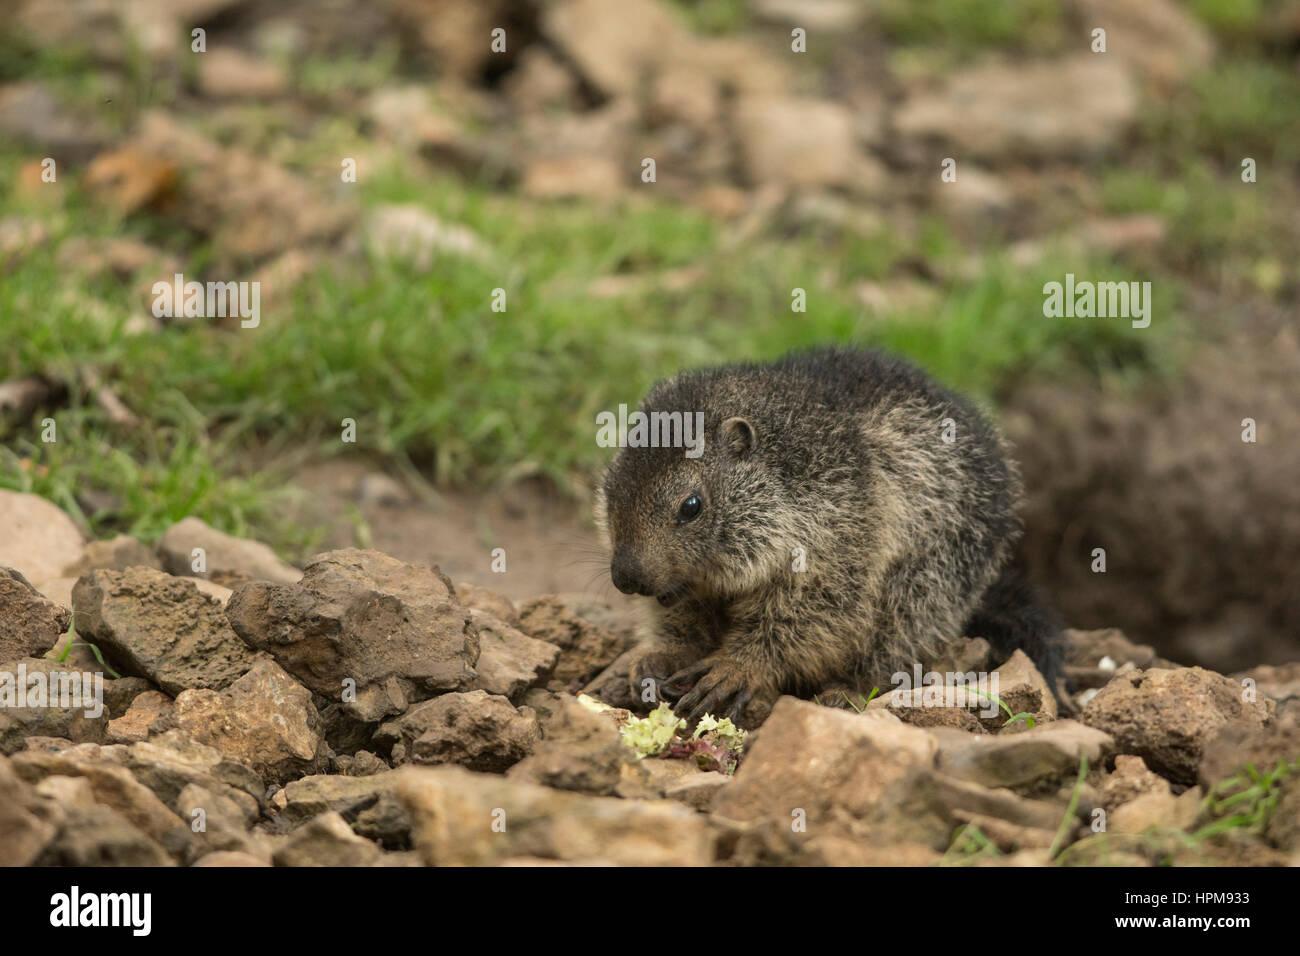 Un jeune marmotton se nourrissant à la sortie d'un terrier. Marmota marmota - Stock Image